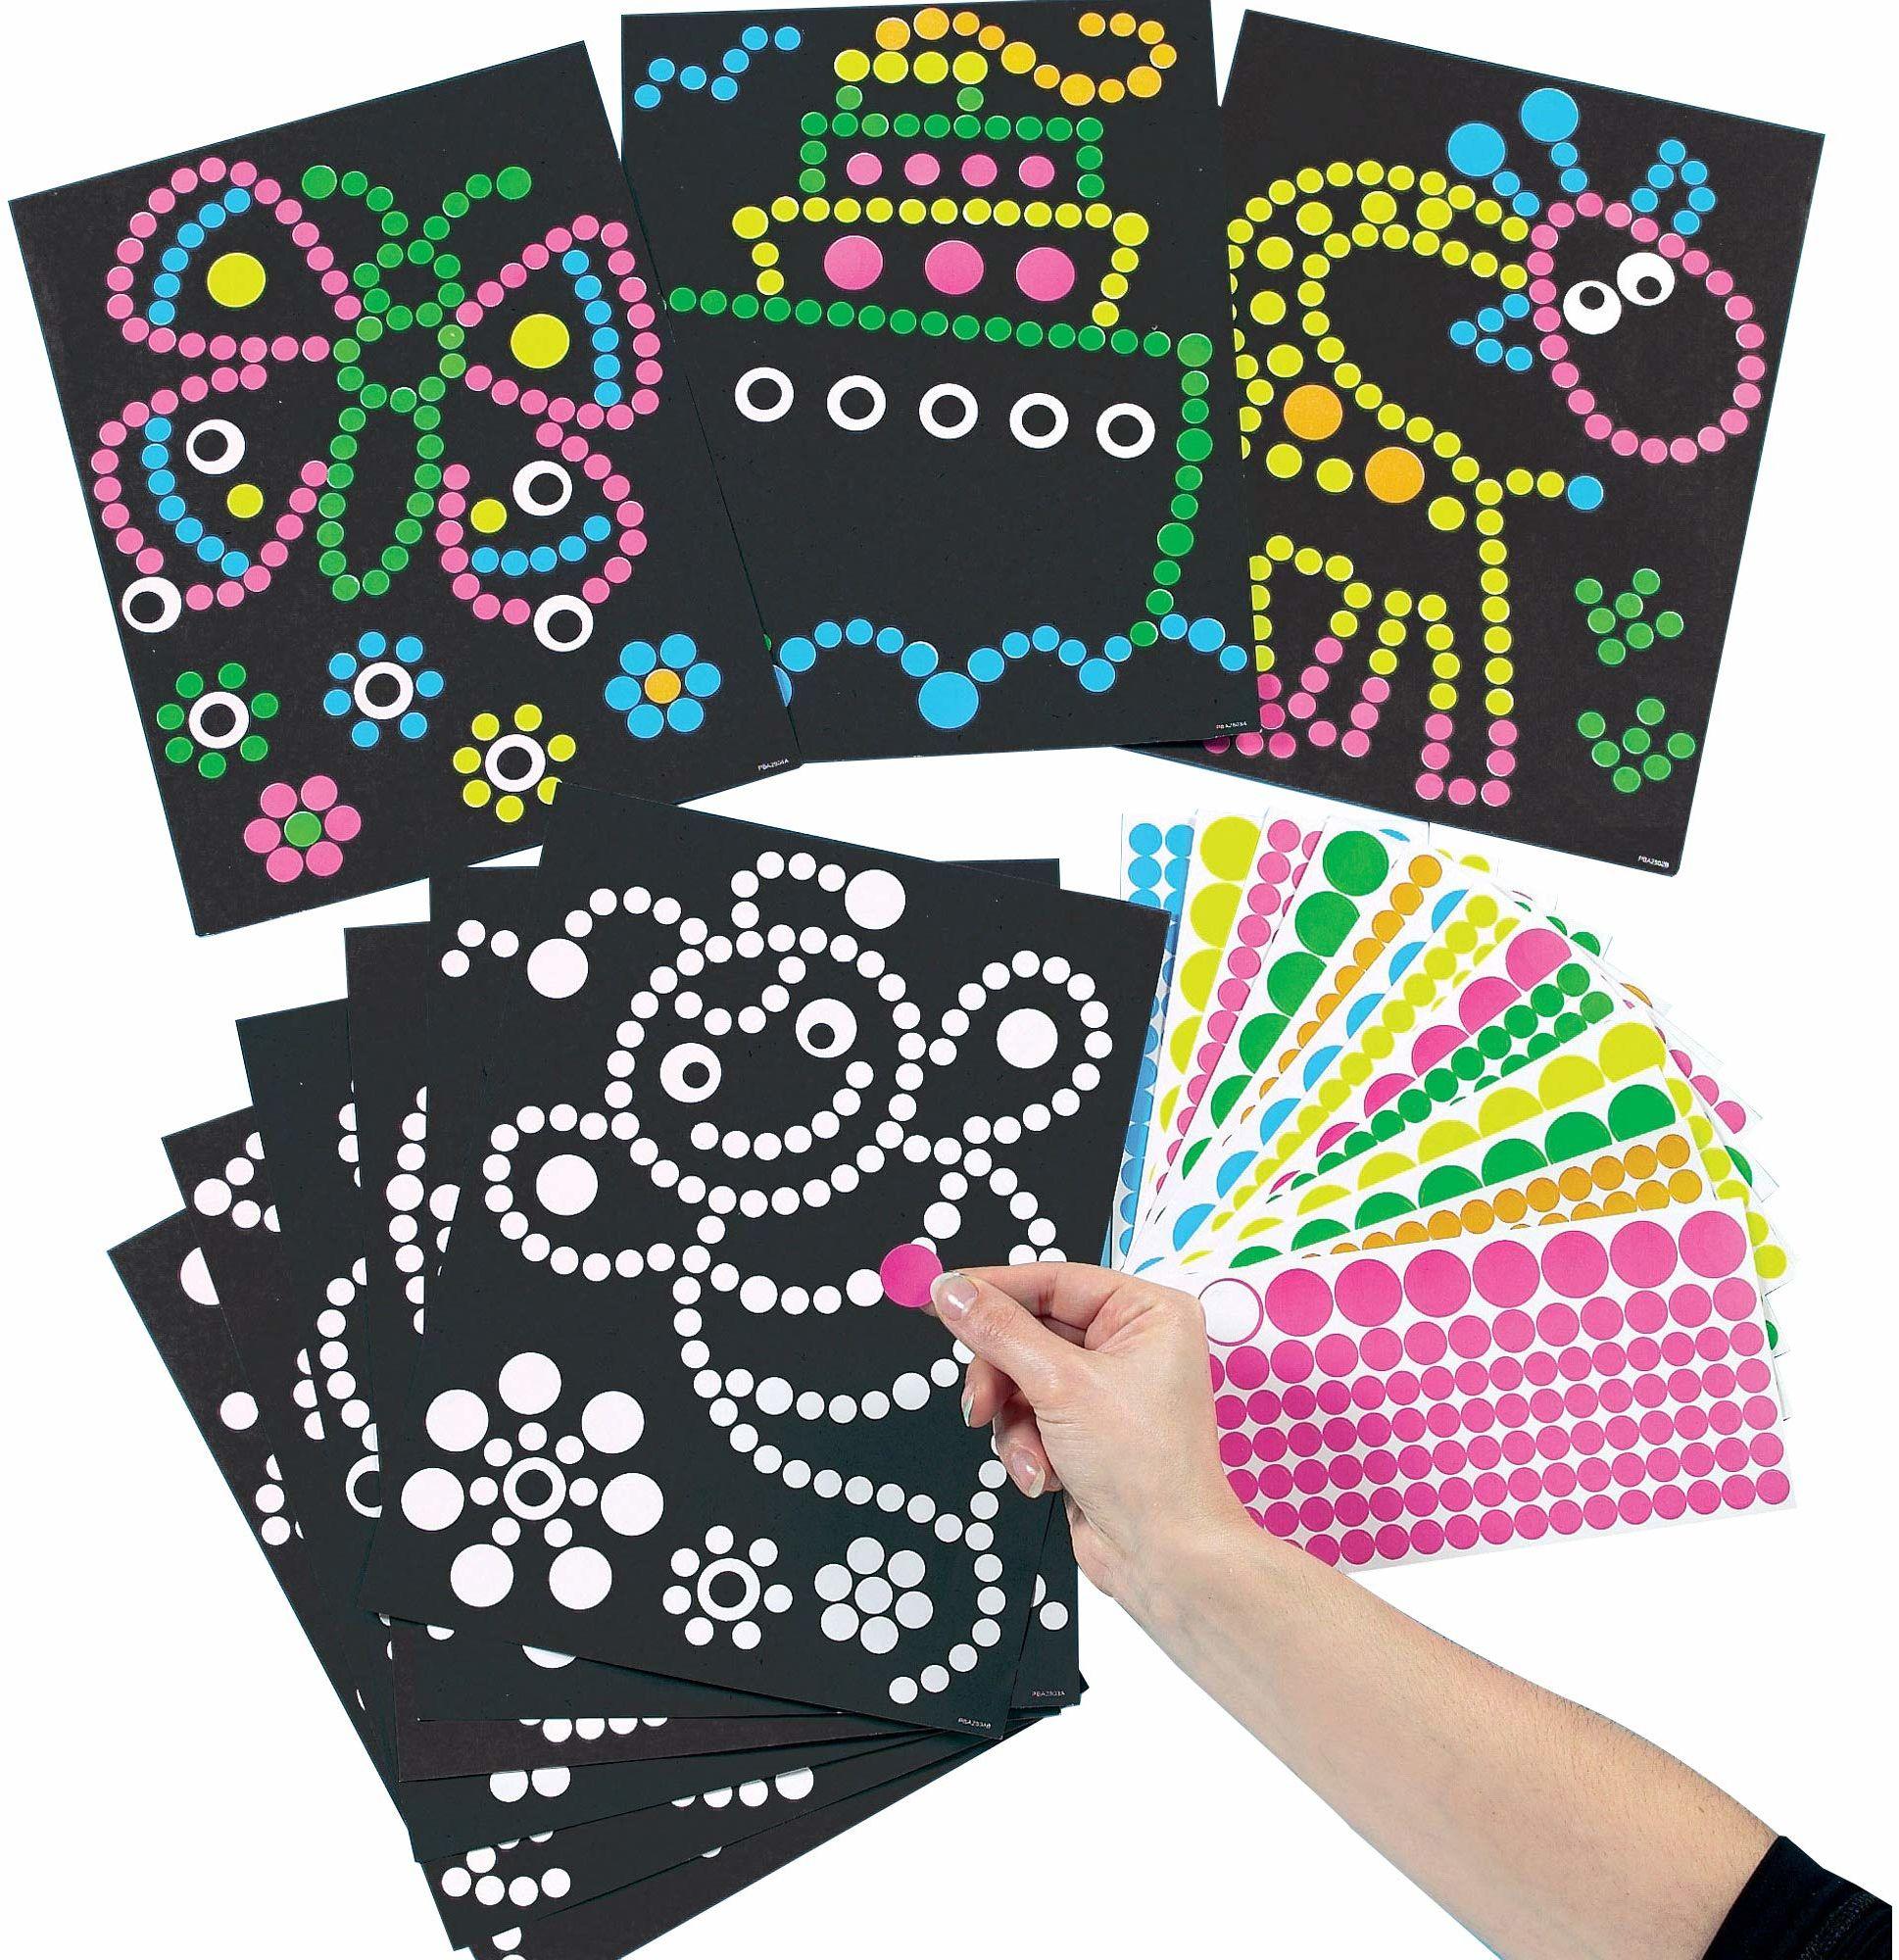 Baker Ross ET113 Ross zestaw do majsterkowania  obrazki z naklejkami  naklejki dla dzieci do zdejmowania i nakładania na wydrukowane motywy  8 sztuk